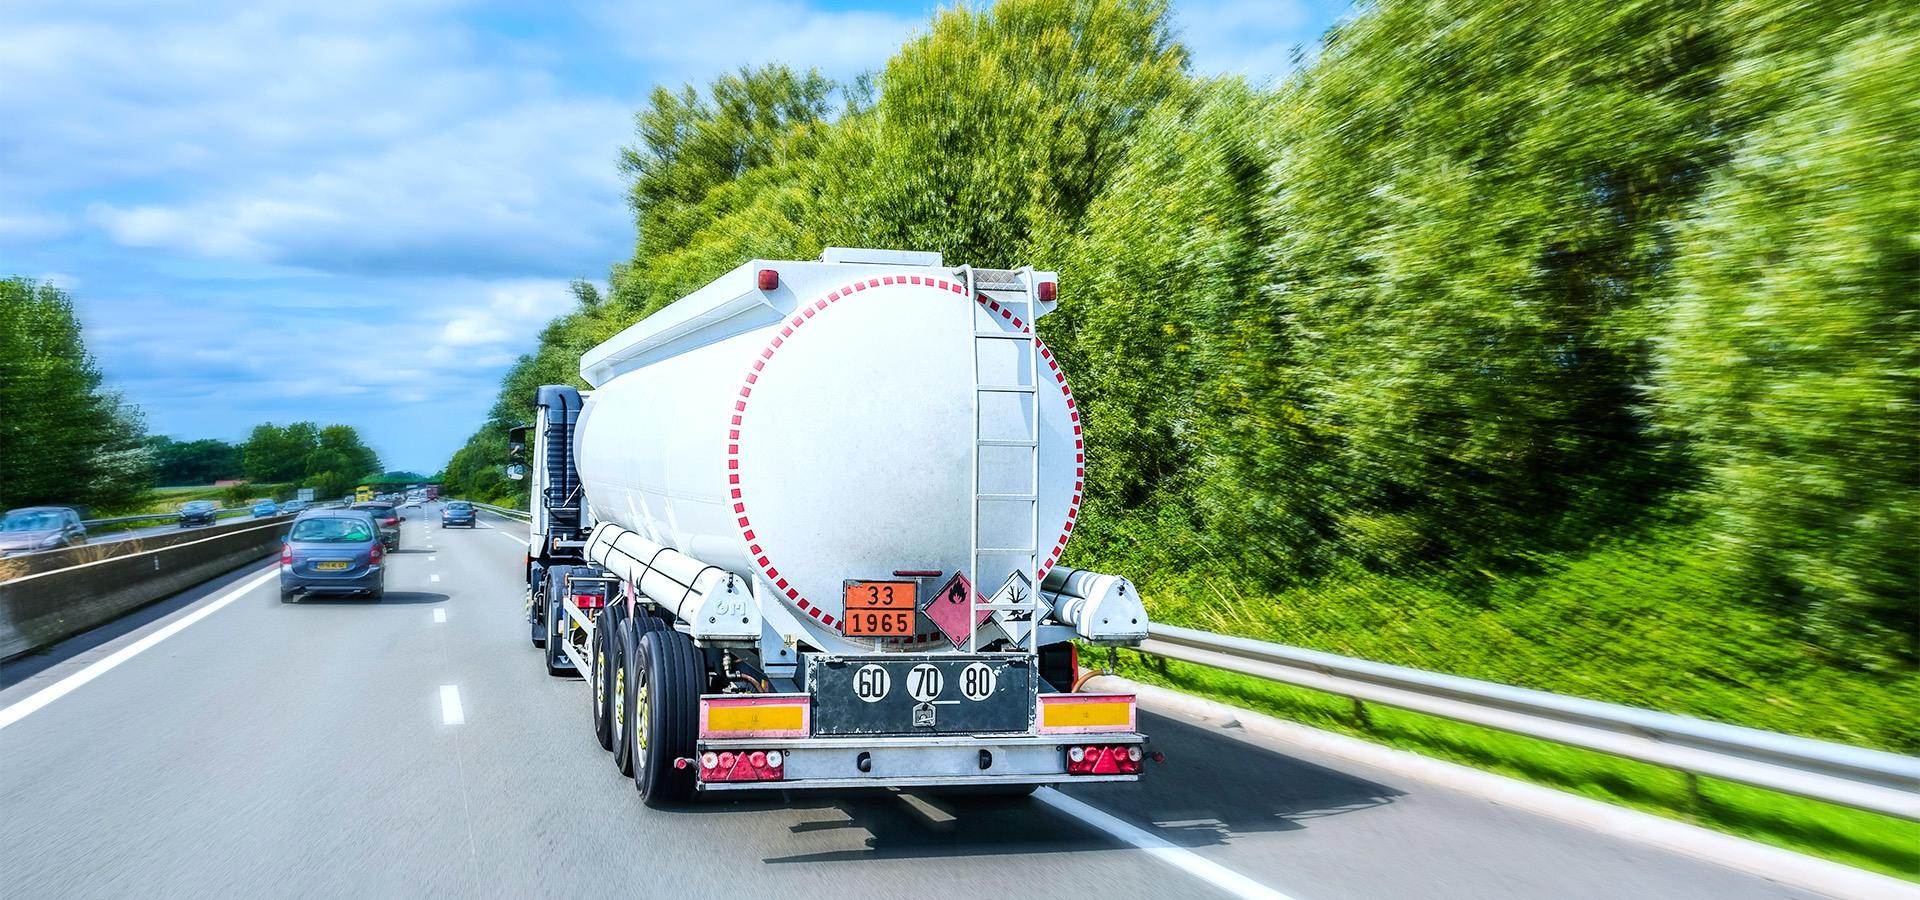 PRIMAGAS - Was ist Flüssiggas - Flüssiggas-Tankwagen fährt auf einer Autobahn